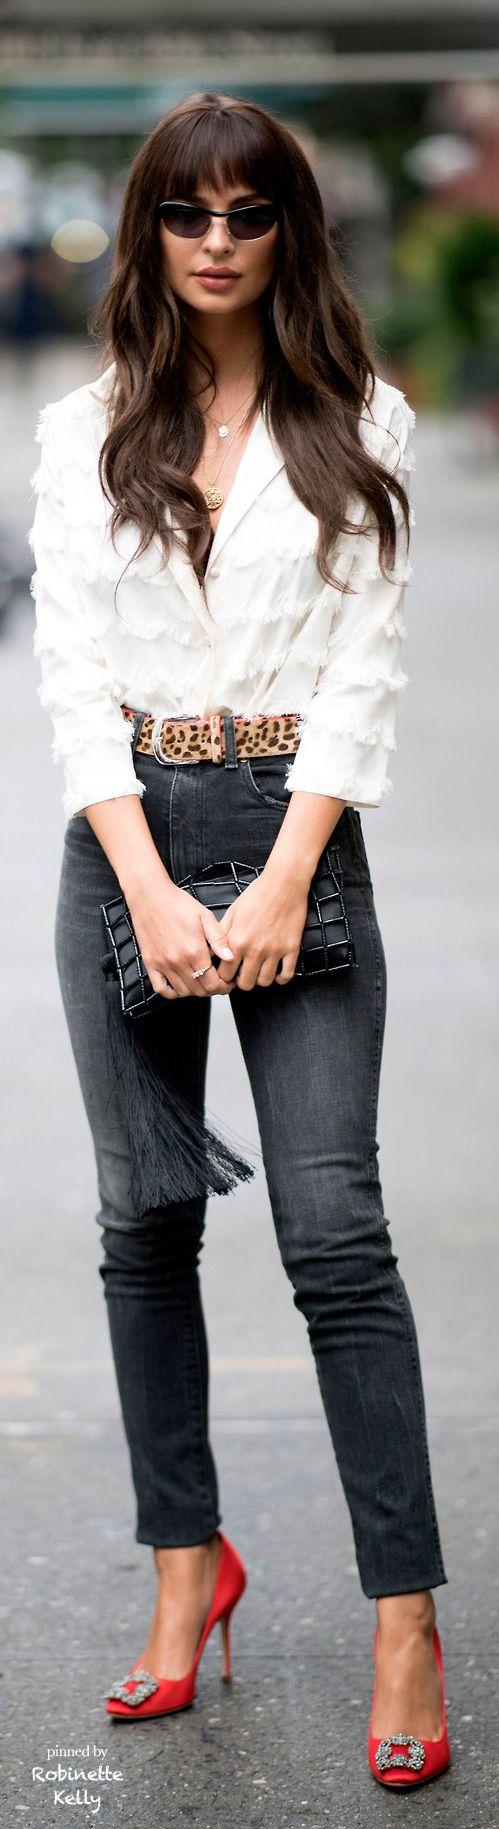 Street Style | Skinny Jeans, Leopard Belt, Heels